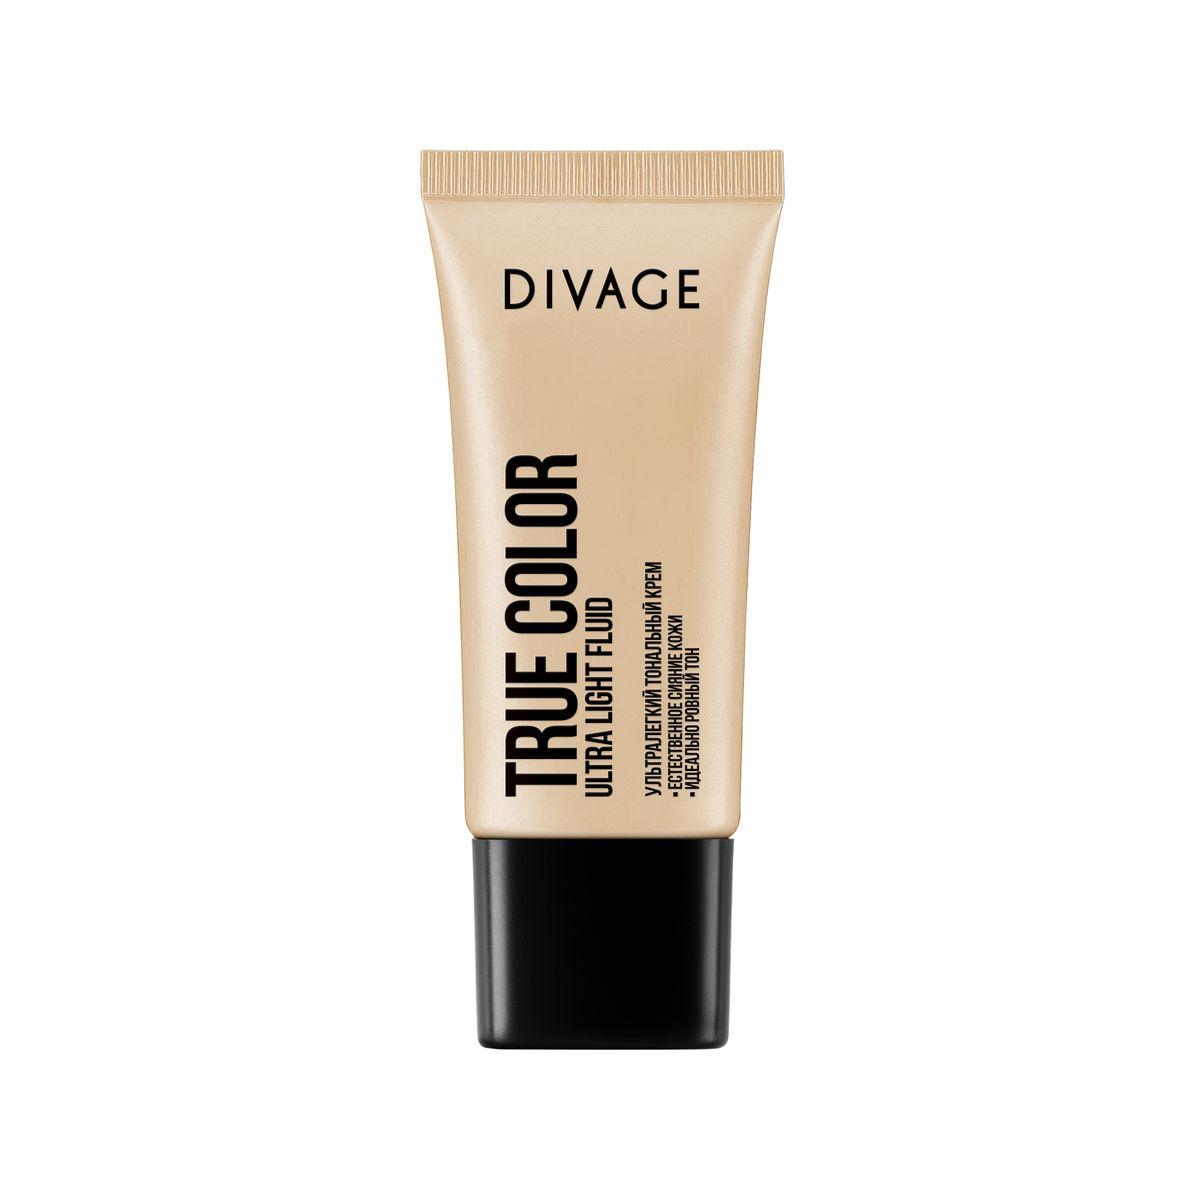 DIVAGE Тональный крем TRUE COLOR, тон № 04, 30 мл219609Невидимая и лёгкая тональная основа с прозрачной водянистой текстурой эффективно увлажняет и освежает кожу. Влага наполняет клетки и хорошо удерживается в поверхности кожи. Масло авокадо и витамины Е помогают клеткам кожи противостоять вредным воздействиям окружающей среды. Хорошо увлажнённая и защищённая кожа выглядит свежей, ухоженной и ровной без ощущения маски на лице.Красивая кожа лица - секрет идеального макияжа и залог твоего хорошего настроения, поэтому выбору тонального крема стоит уделить особое внимание! Выбирай тональный крем в соответствии с твоим типом кожи. Наносить тональный крем лучше от центра лица, двигаясь к периферии. Ты можешь выбрать для нанесения любой способ. Влажный спонж обеспечит максимально тонкий и равномерный слой тонального средства, кистью лучше получится выполнить более плотное покрытие, а нанесение пальчиками подарит естественный эффект. Совершенство возможно с DIVAGE!